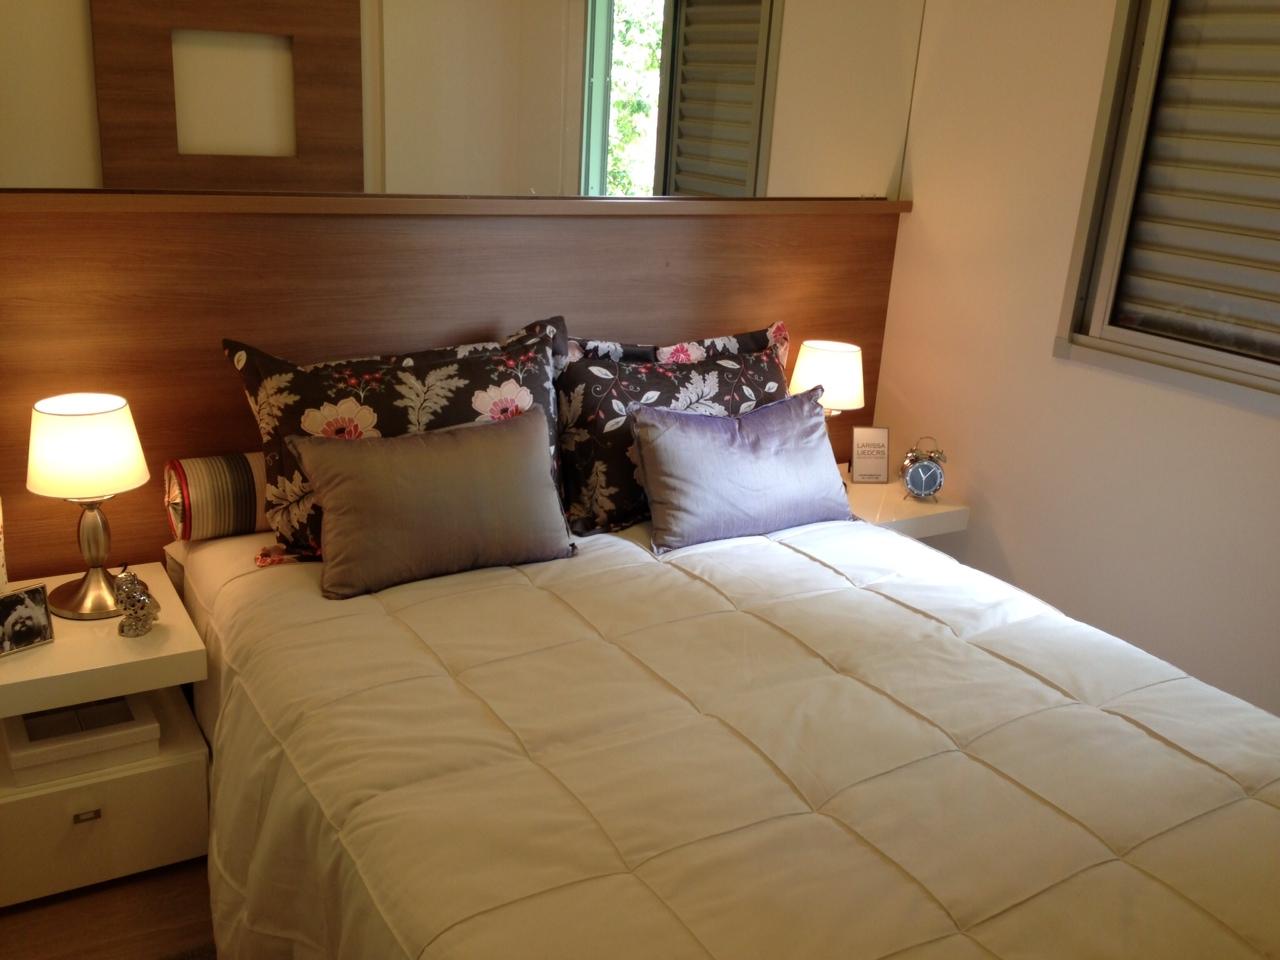 Imagens de #3E2412 Fui Morar Numa Casinha : Apartamento Modelo Decorado Feito Por Mim  1280x960 px 3604 Banheiros Super Simples